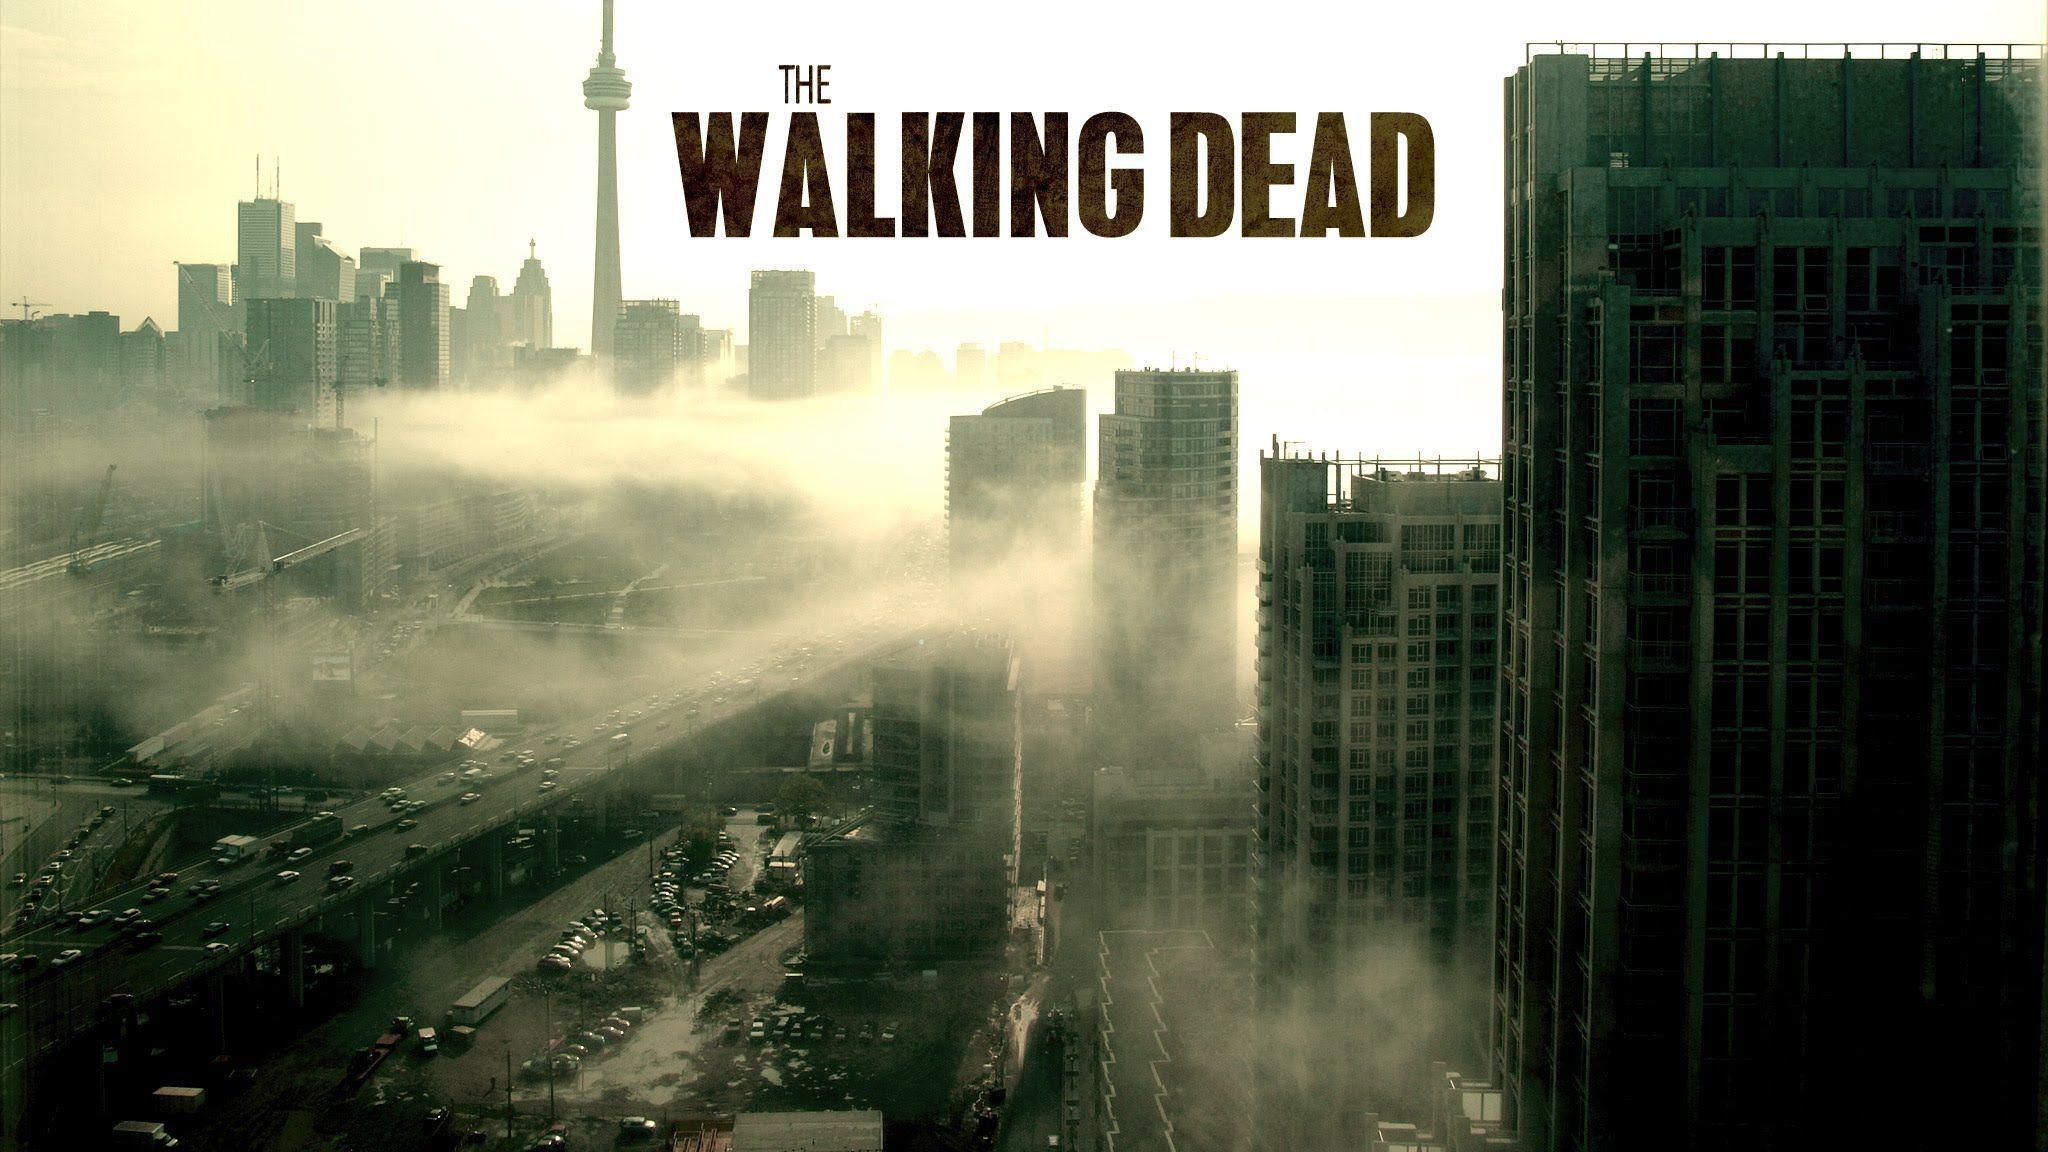 Image For The Walking Dead Season 5 Poster Download Walking Dead